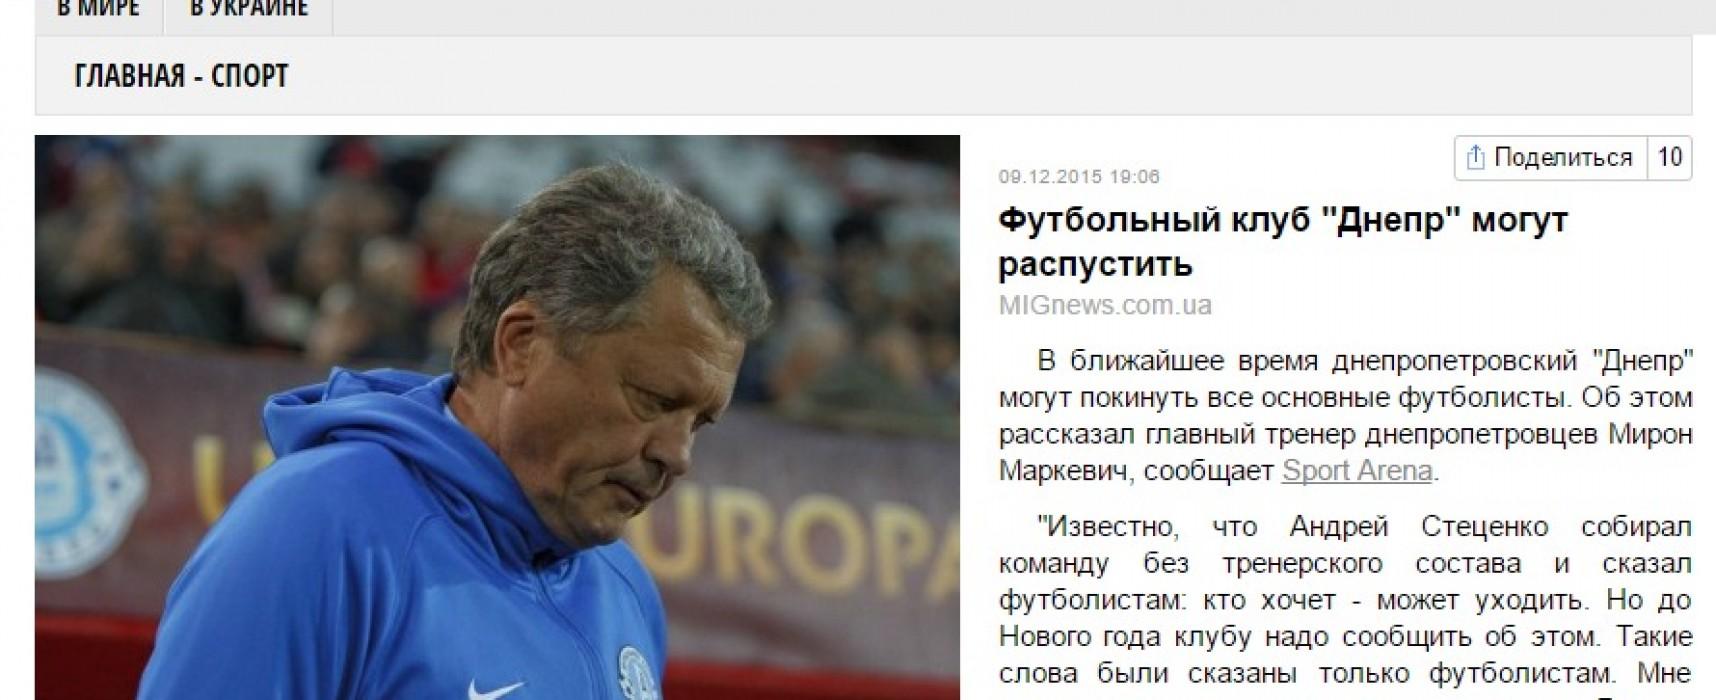 """Във ФК """"Днепр"""" опровергаха информацията, че отборът ще бъде разпуснат"""